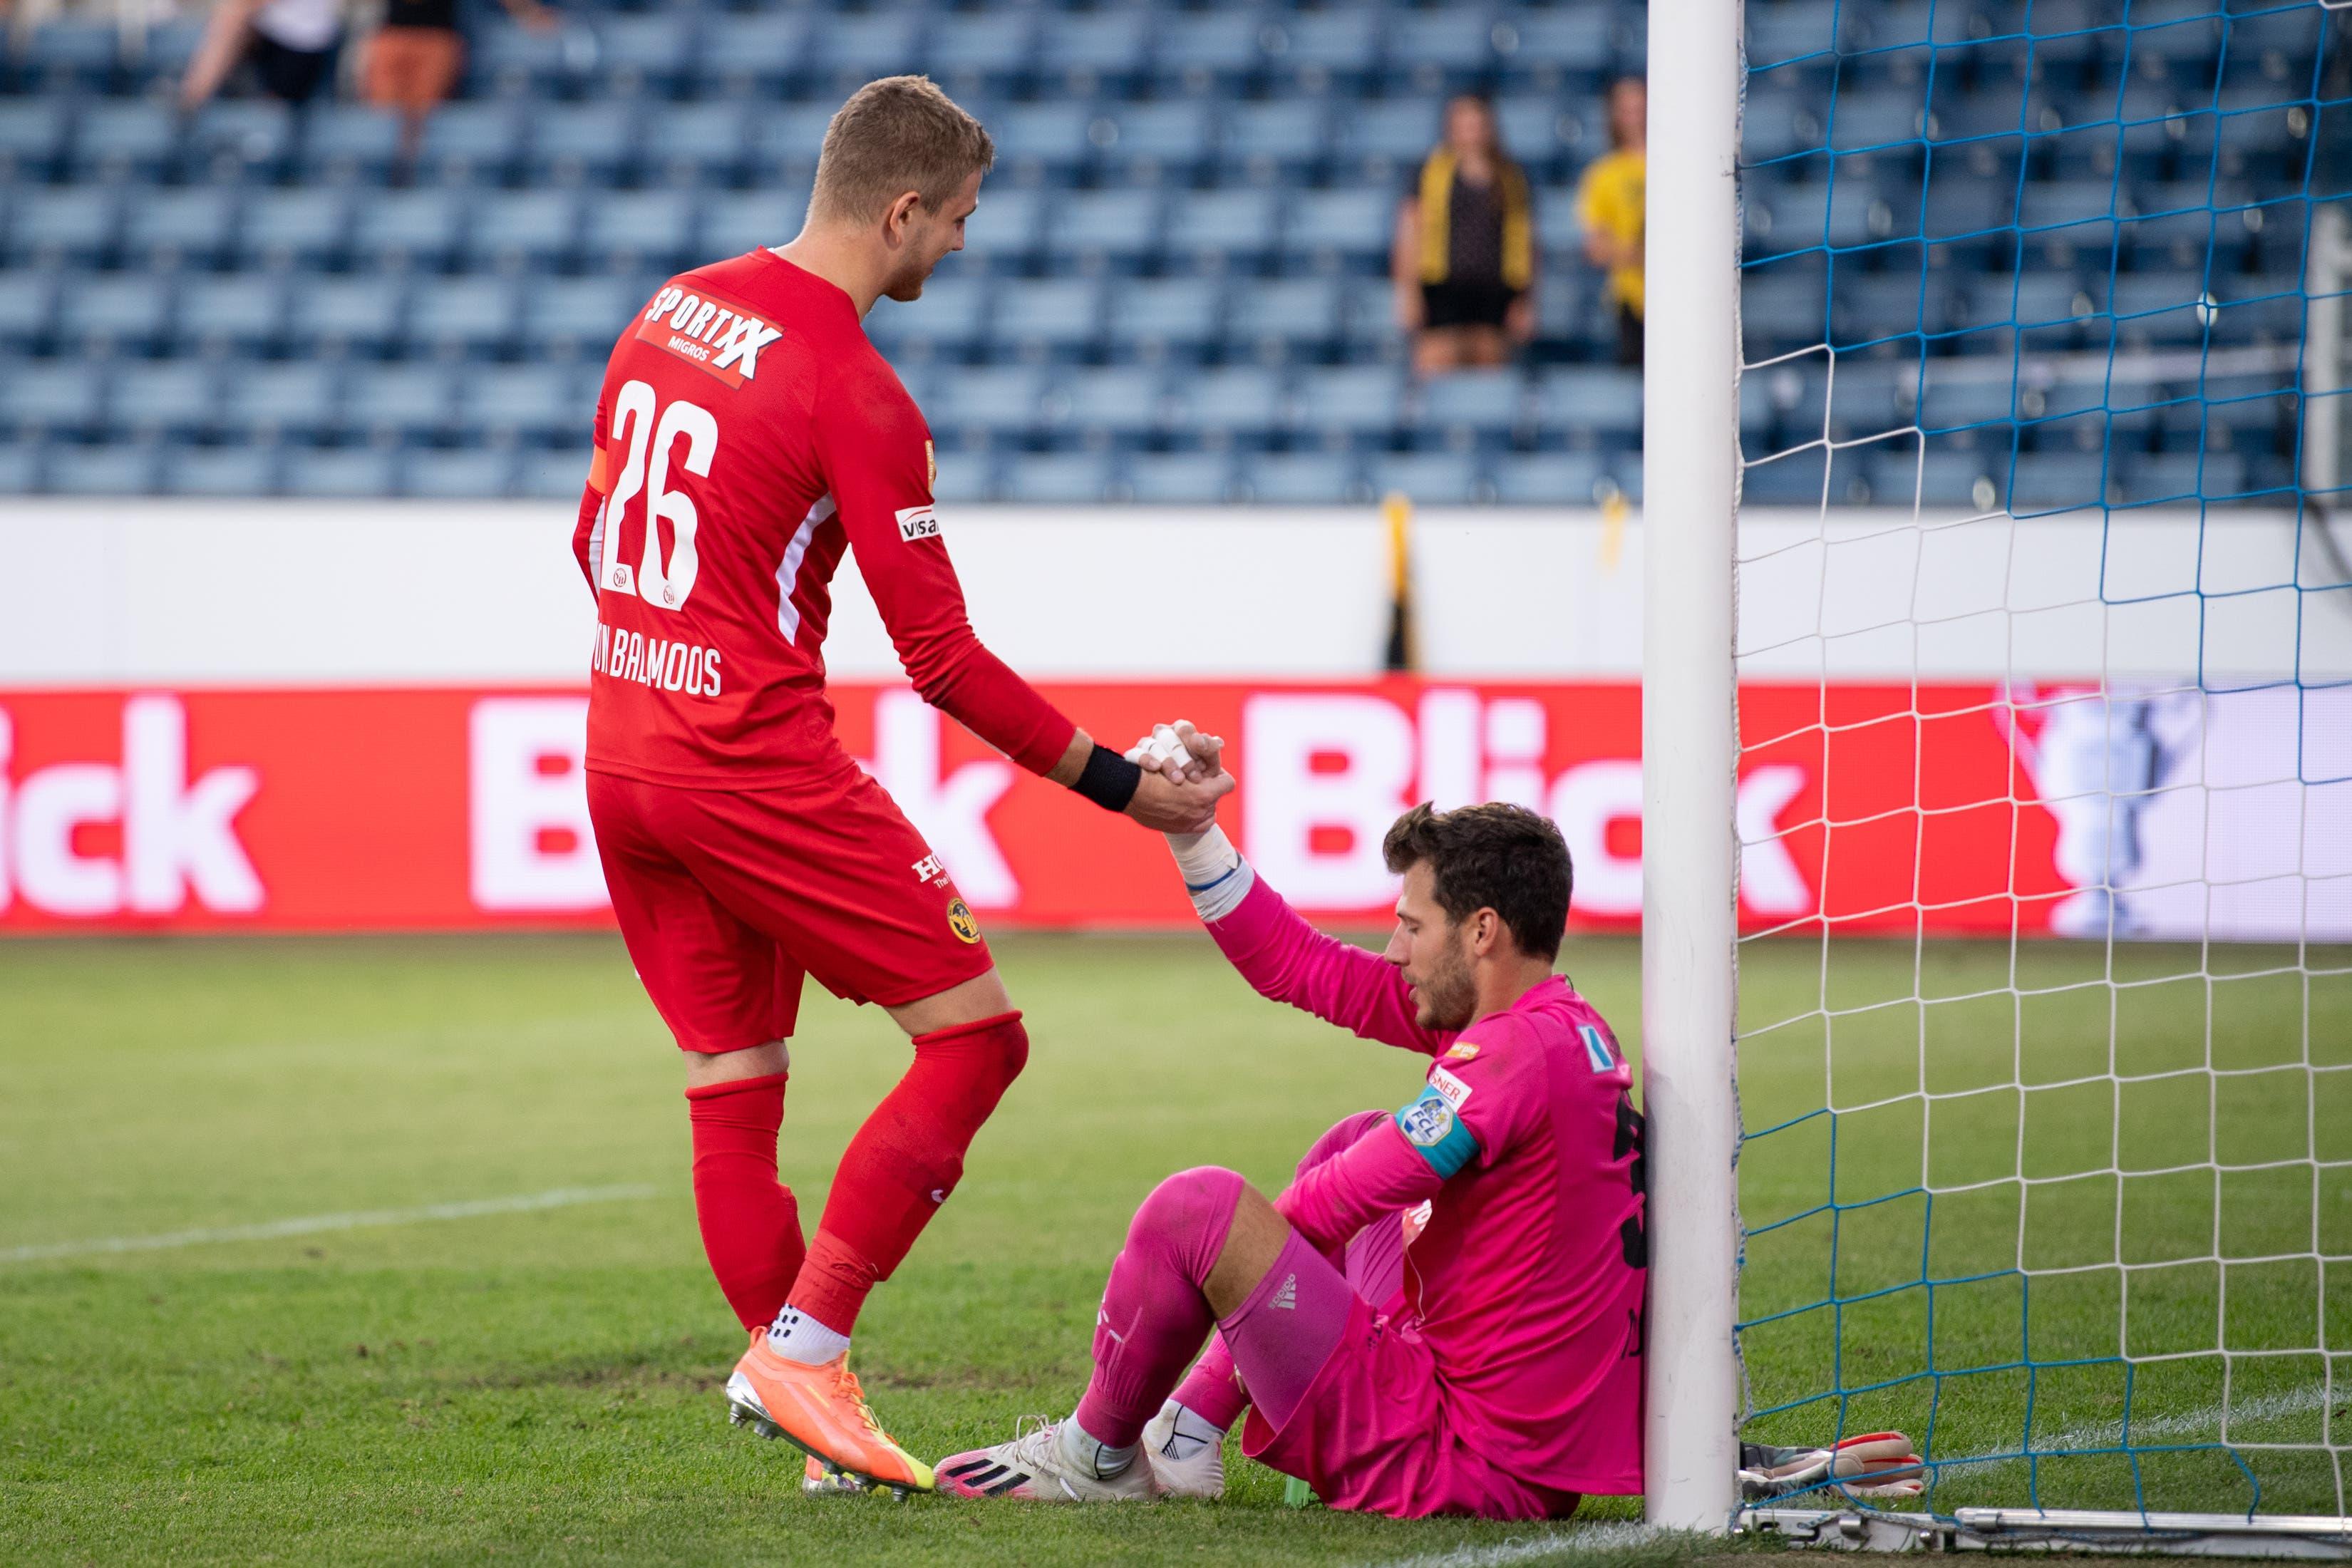 YB-Torhüter David von Ballmoos tröstet einen enttäuschten FCL-Torhüter Marius Müller nach dem Spiel.